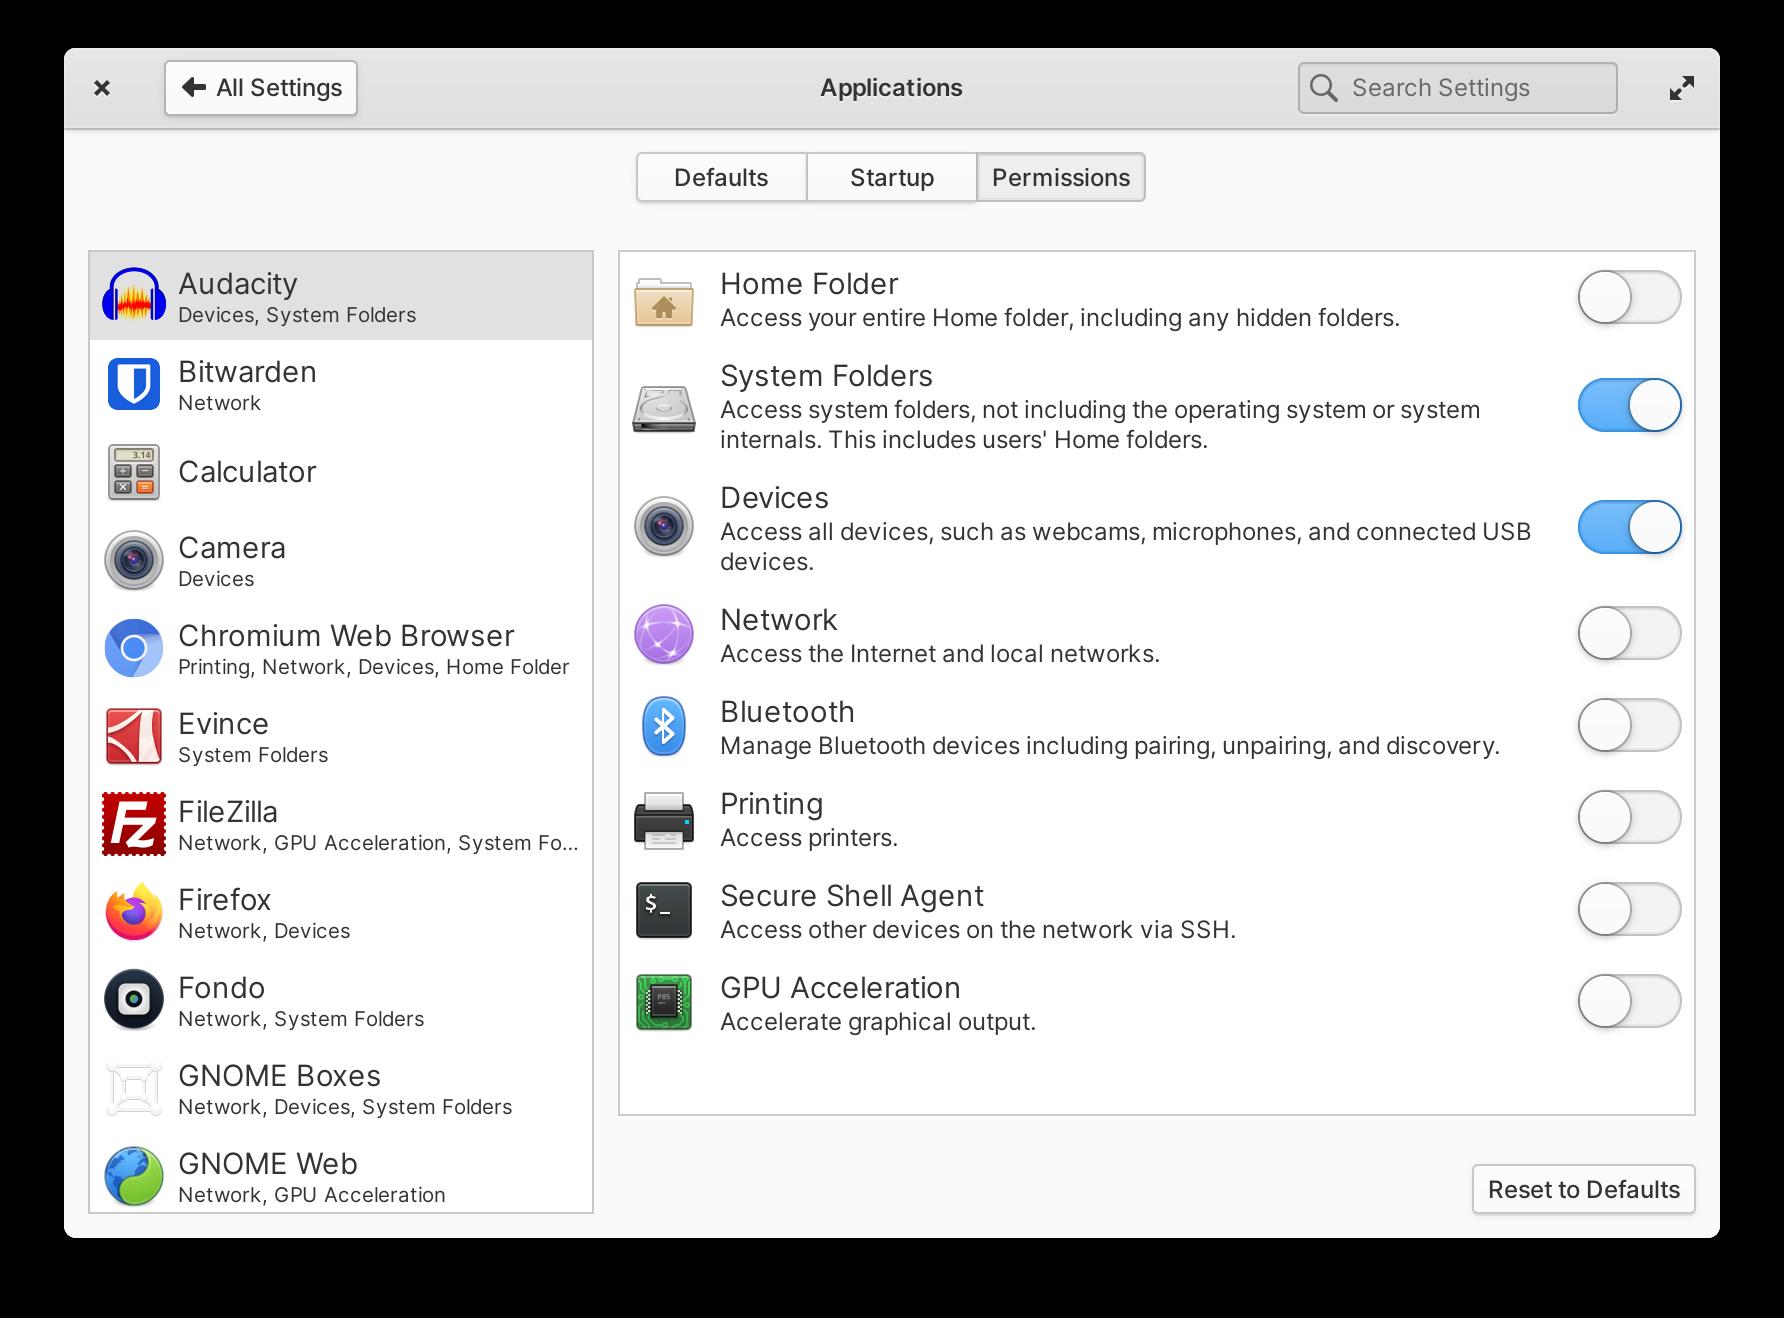 Configuración de permisos de aplicaciones